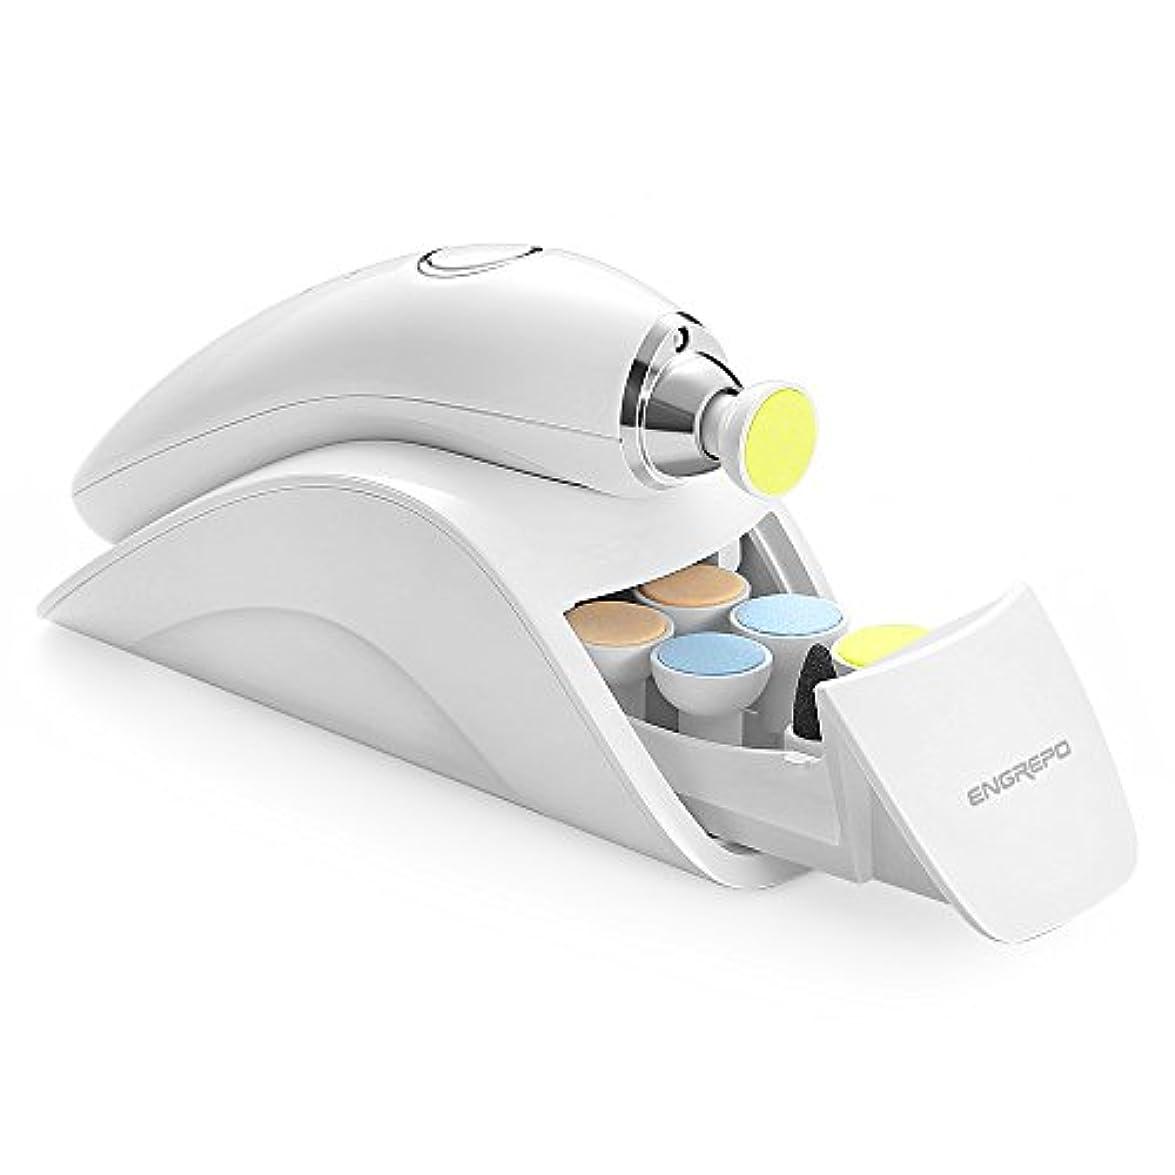 高価な覗く心理的ENGREPO ベビーレーベル ネイルケアセット レーベル ホワイト(新生児~対象) ママにも使えるネイルケア(4種類の磨きヘッド、超低デシベル、3速ギア、LEDフィルインライト)円弧充電ベース隠し収納ボックス付き